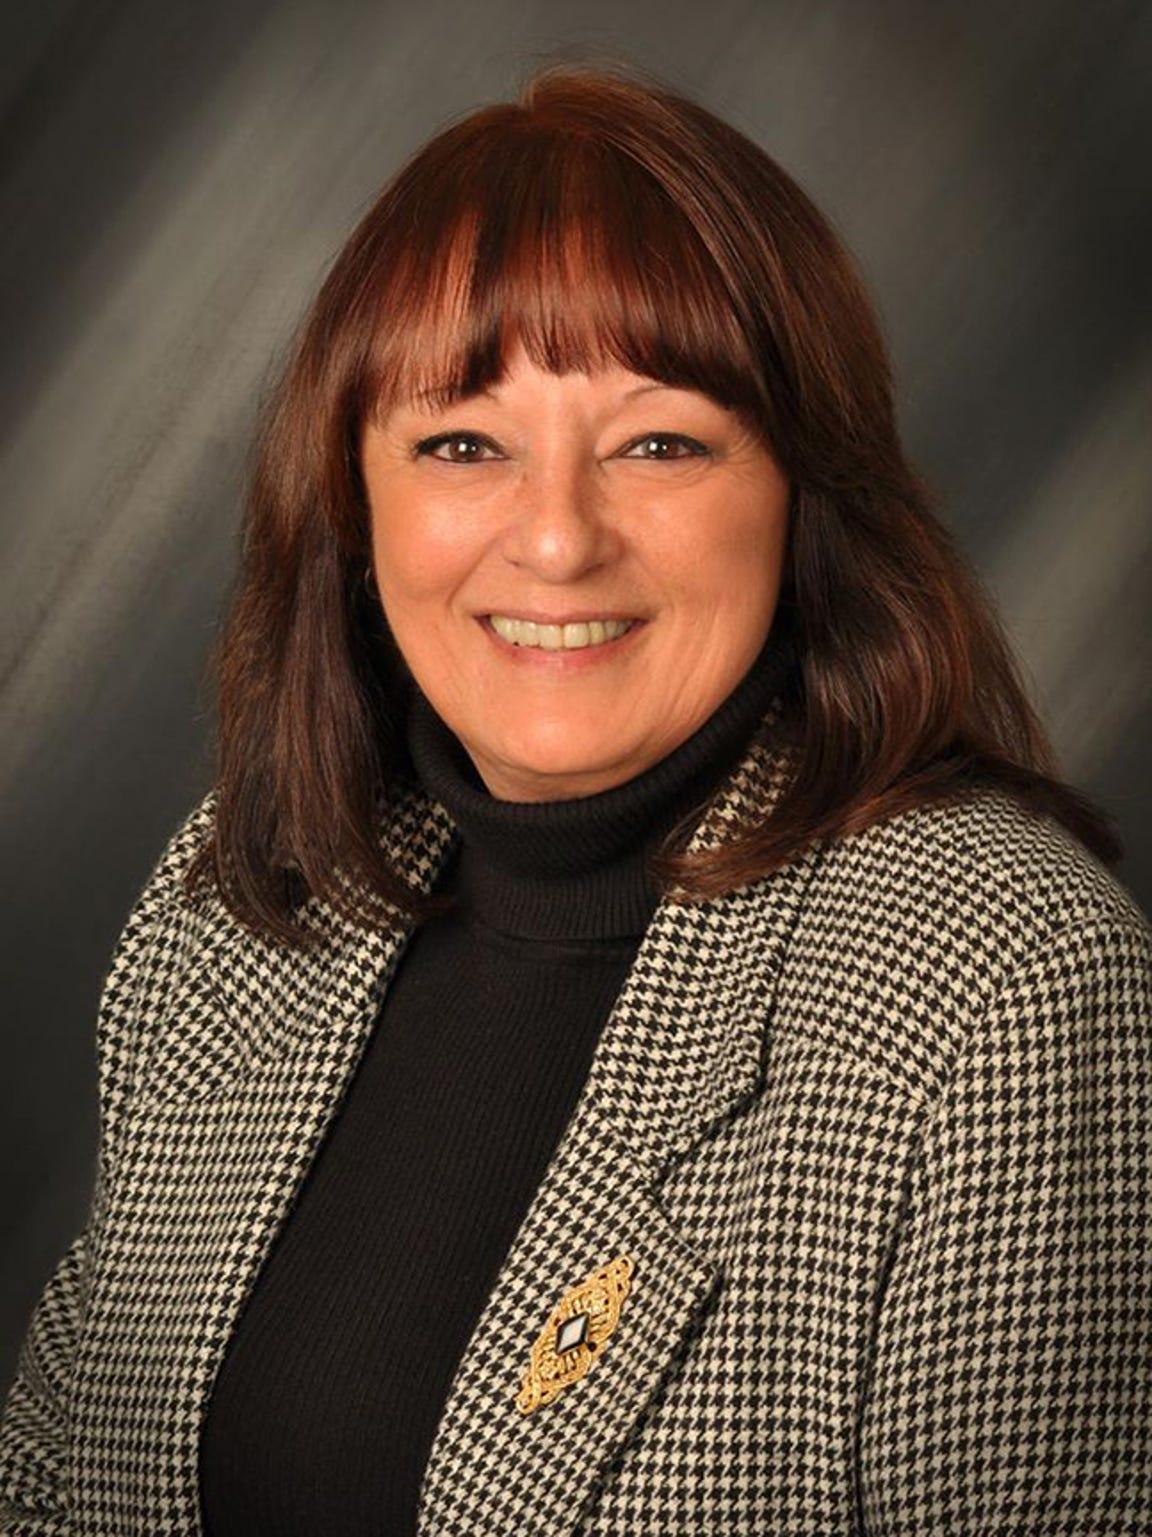 Lorraine Scudder